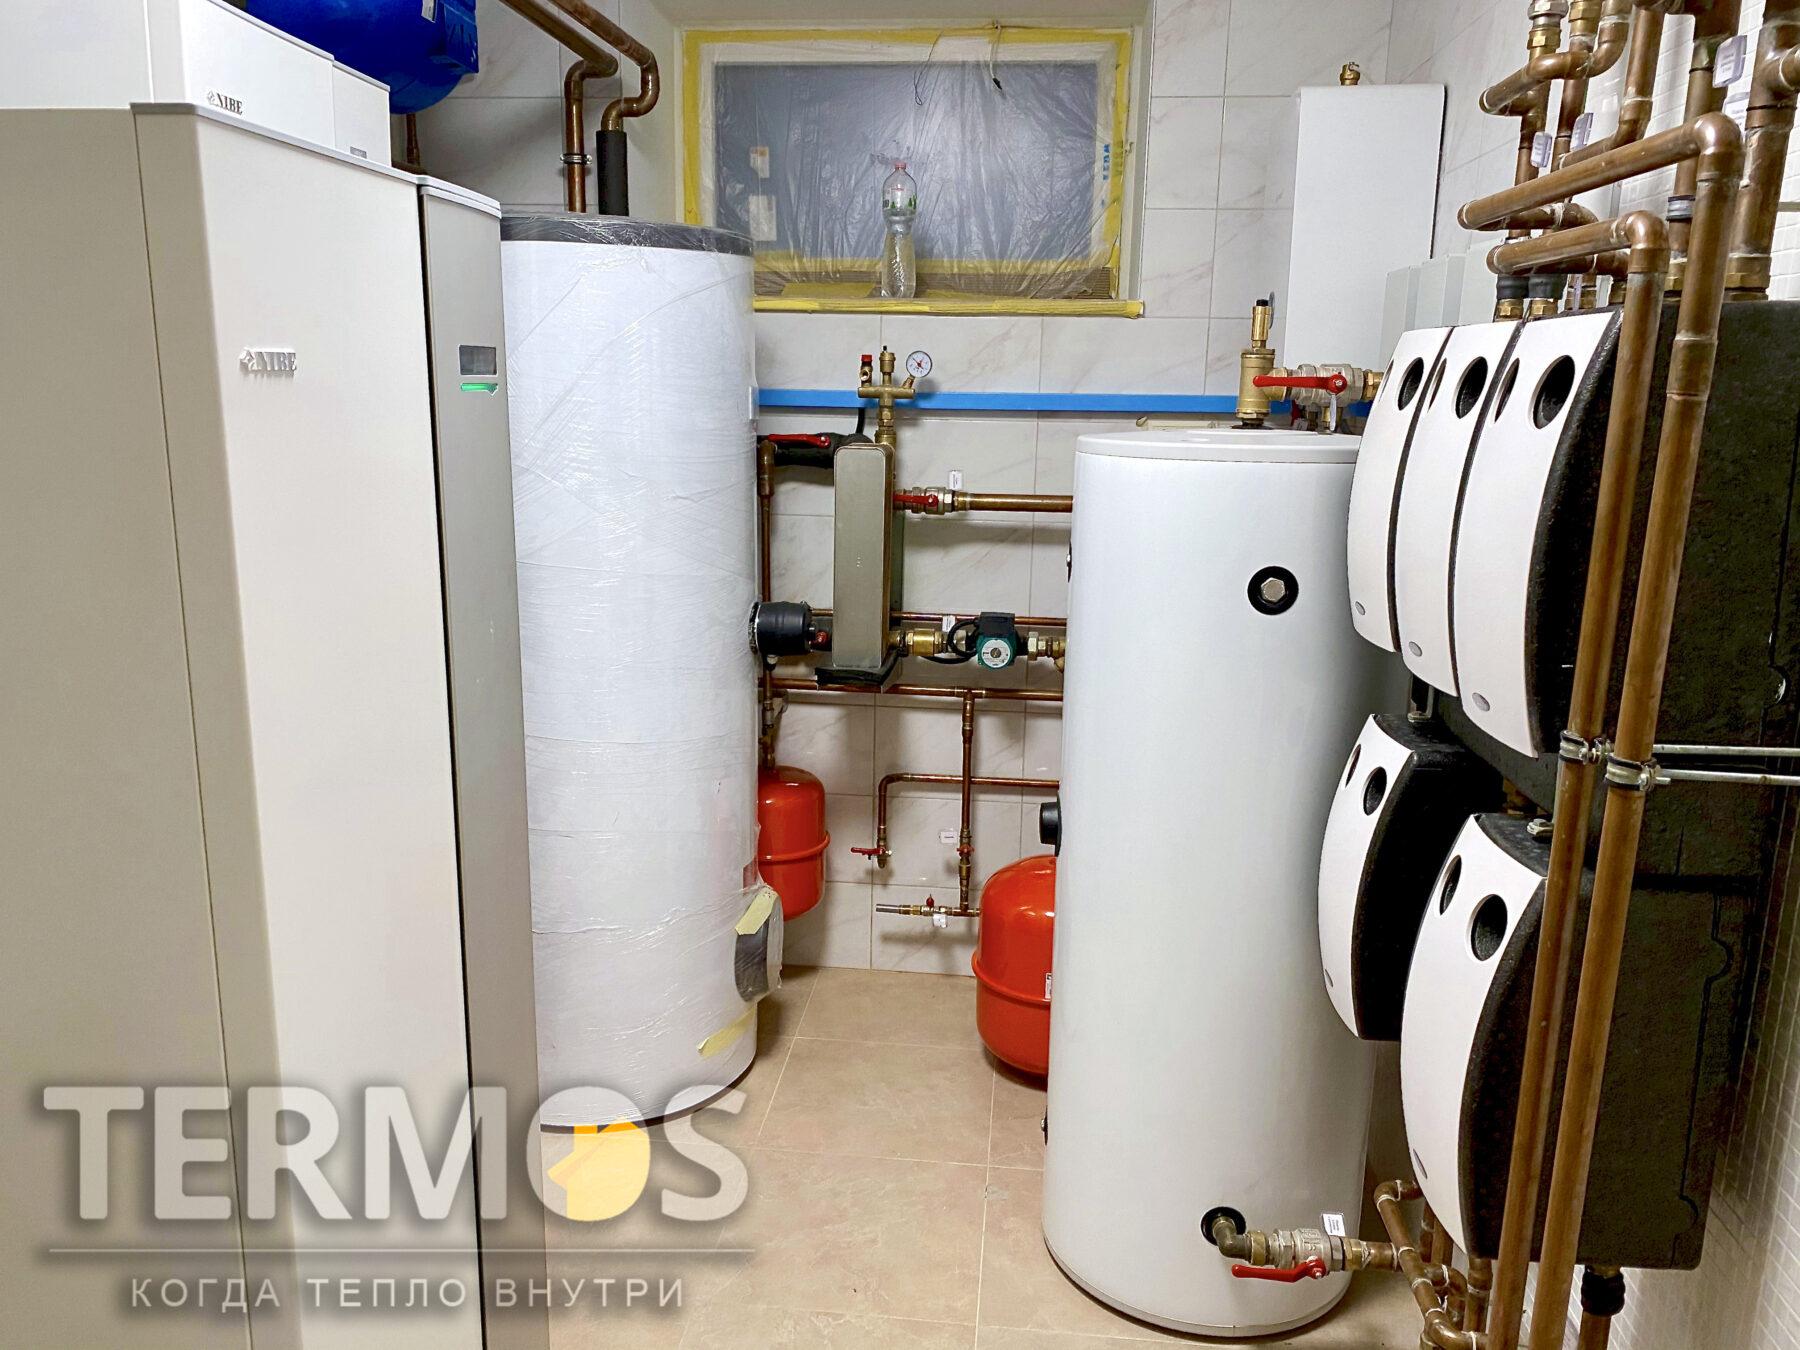 Борщагівка. Котедж 650 м.кв. Охолодження будинку влітку забезпечується контуром стельових фанкойлів